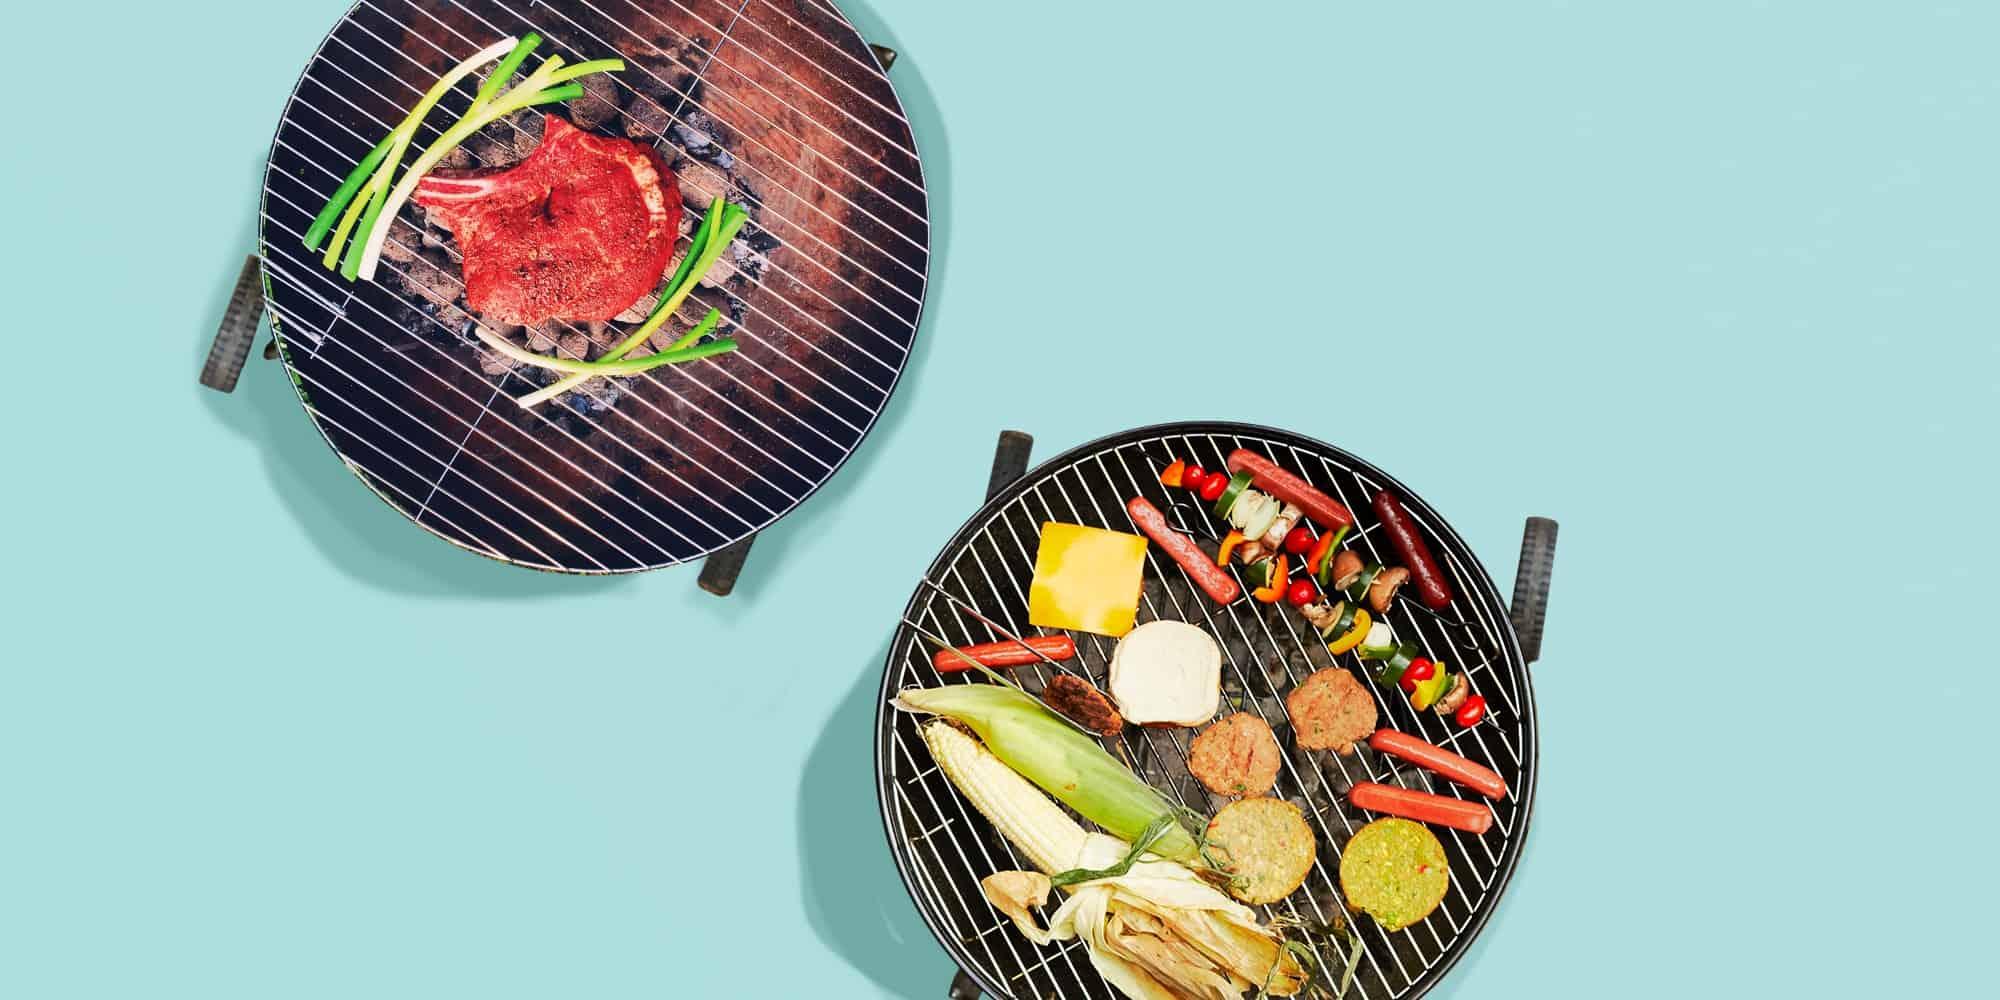 Alat Pemanggang Terbaik - Daging, Ayam, sosis, roti bakar, sate, ikan, bolu, bbq, bakso